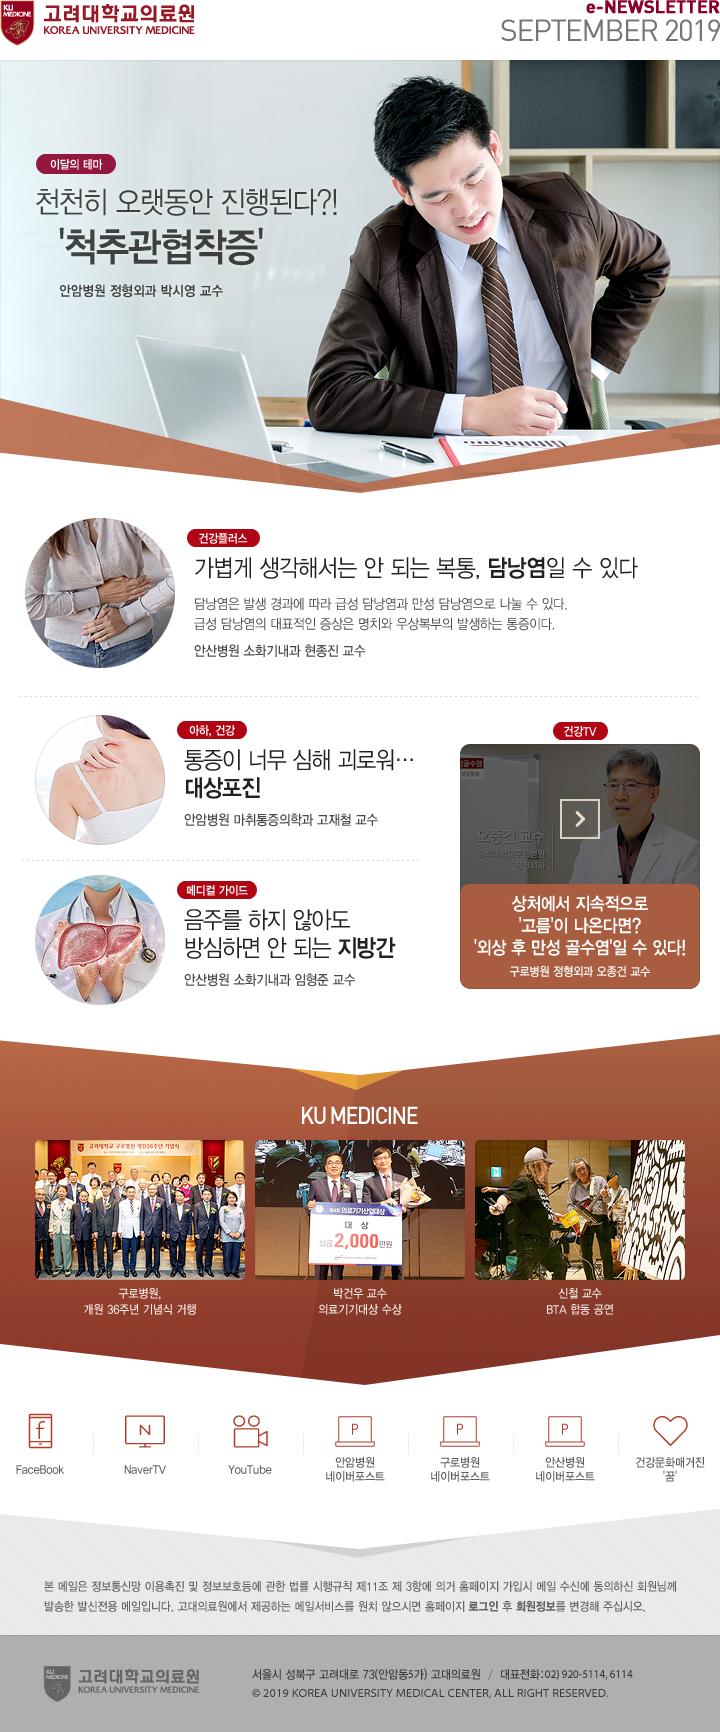 고려대학교의료원 뉴스레터